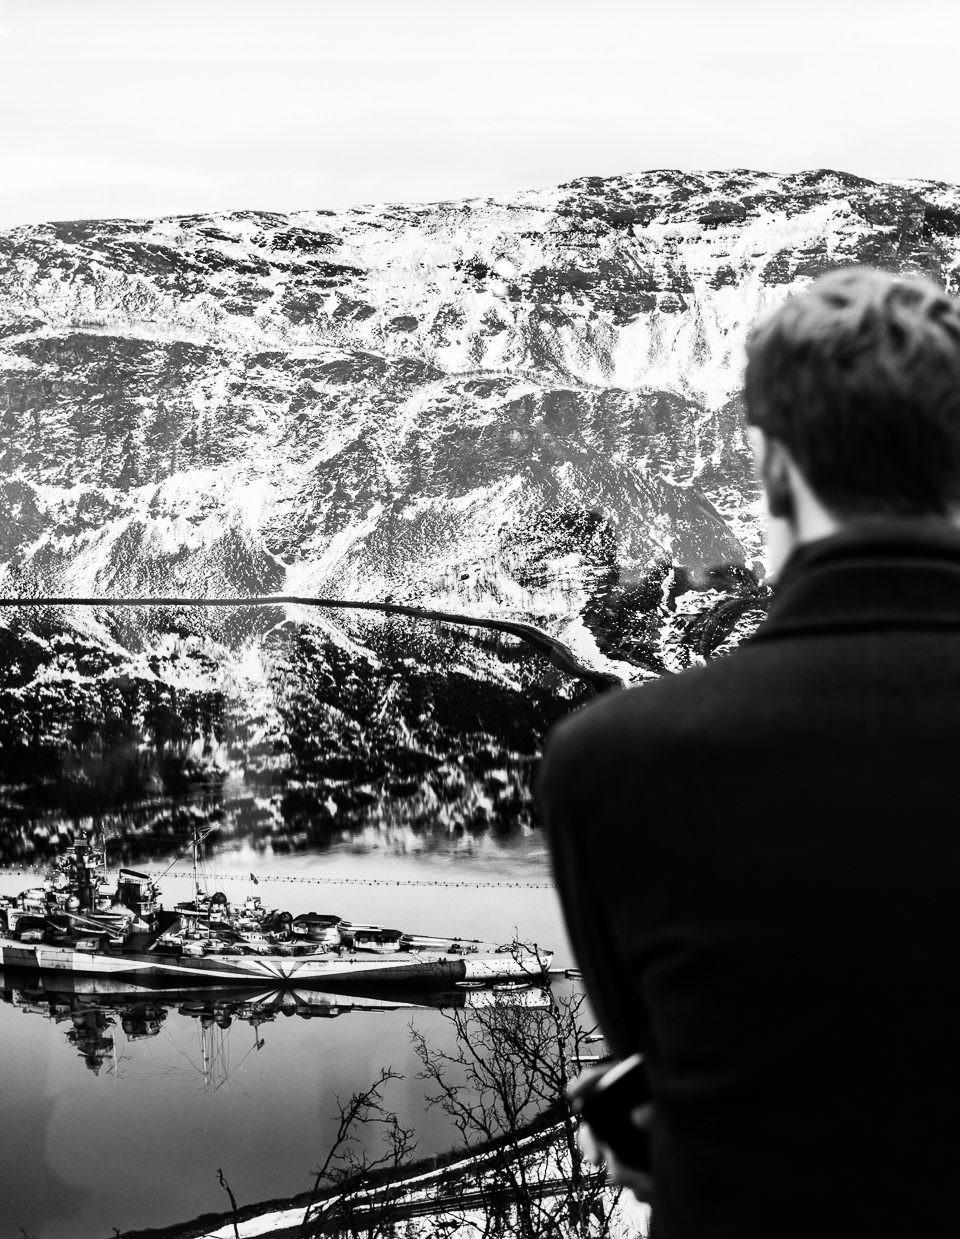 Ein Mann betrachtet eine Landschaft